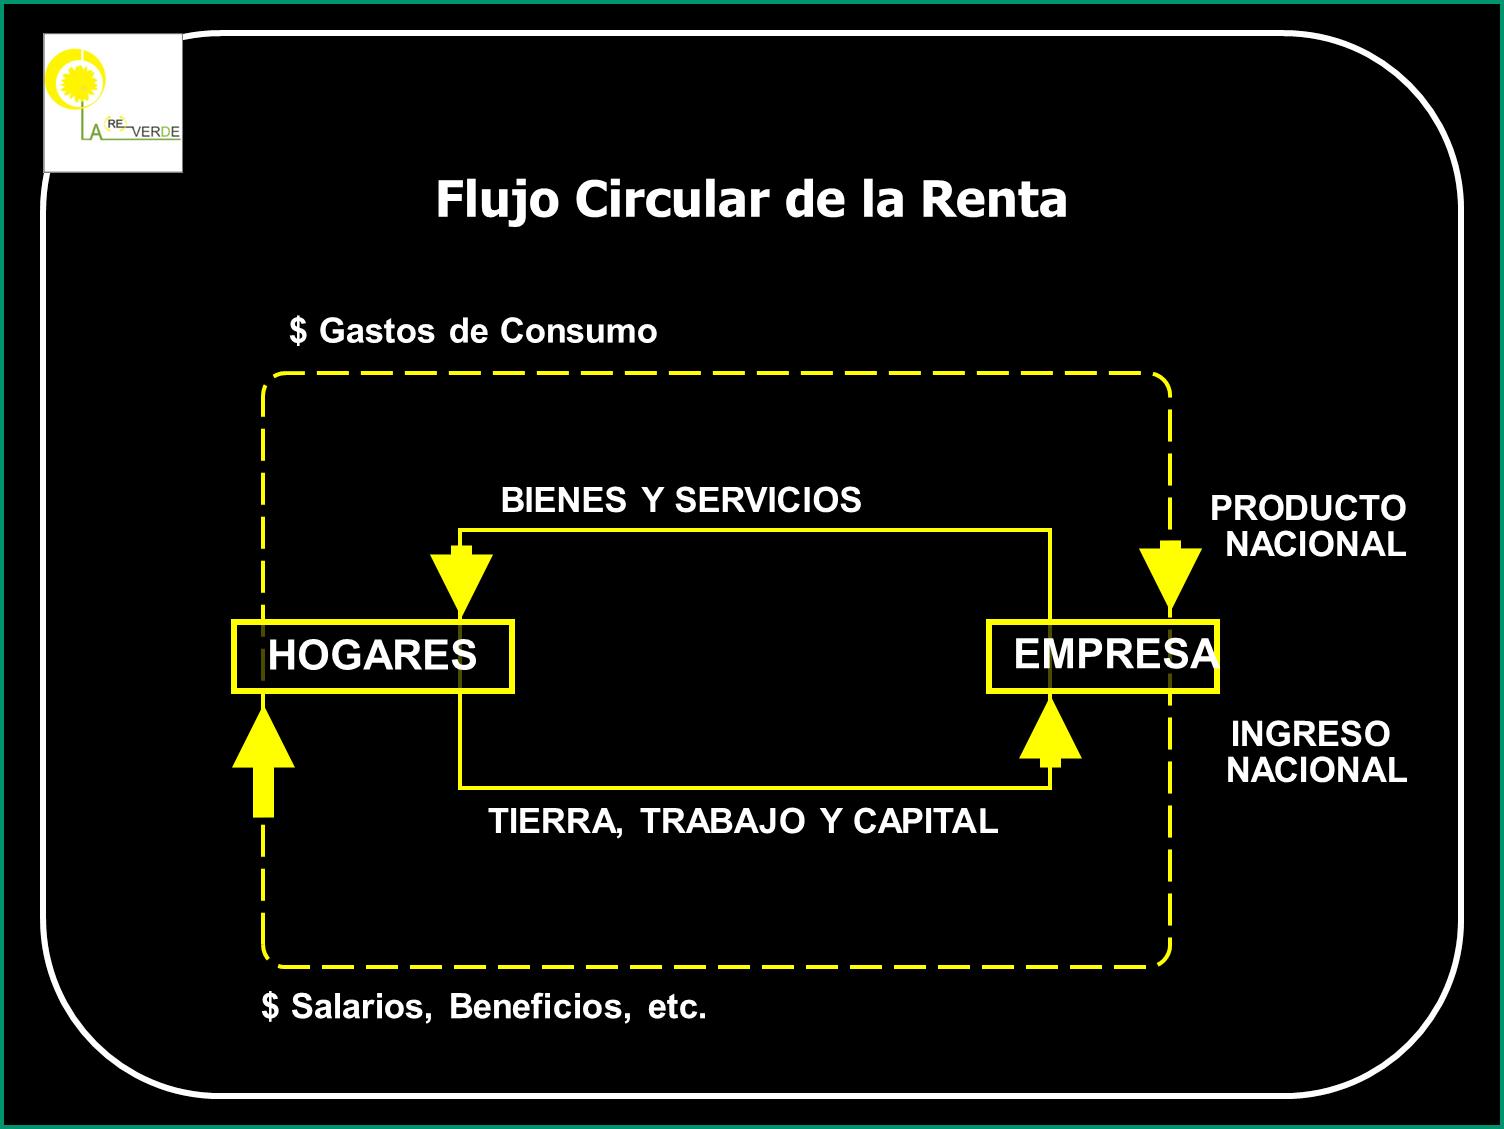 Segunda entrega de la evolucin de los paradigmas en las relaciones flujo circular ccuart Choice Image